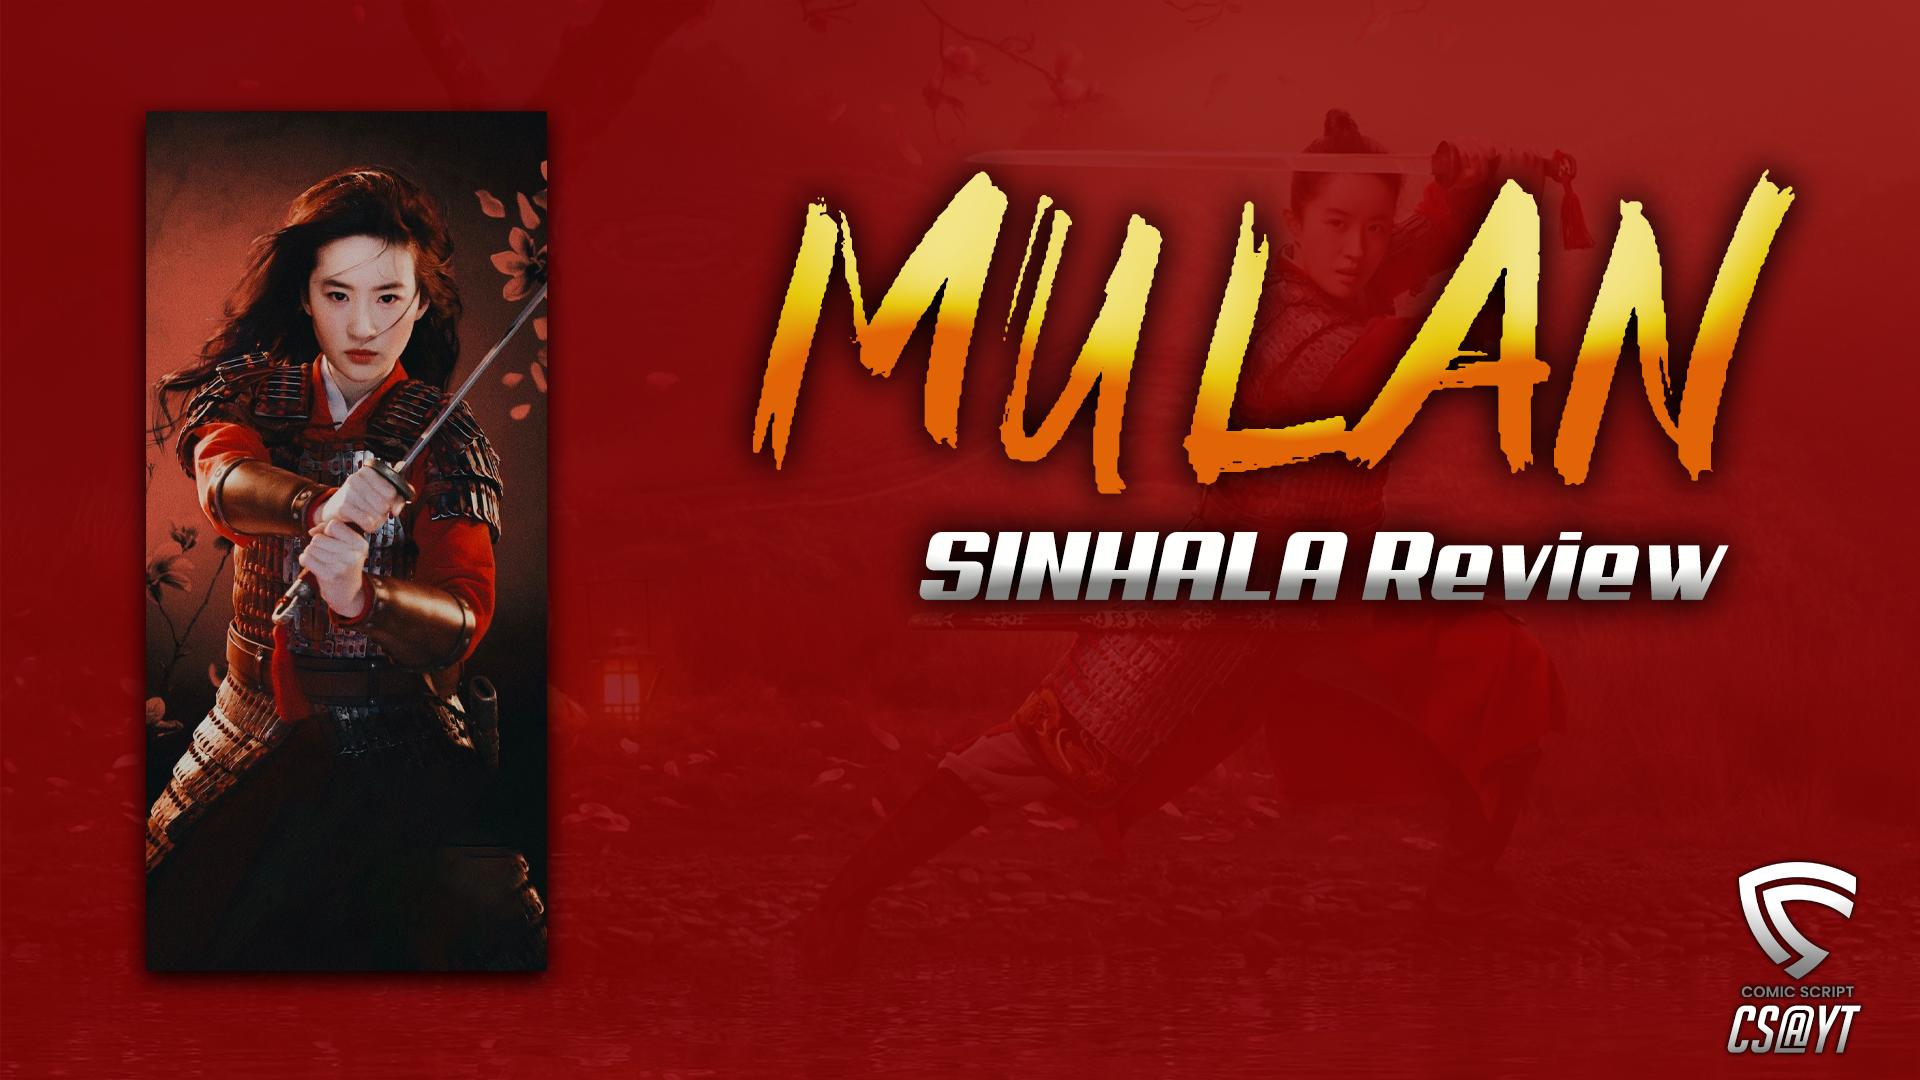 Disney's Mulan - Comic Script Review